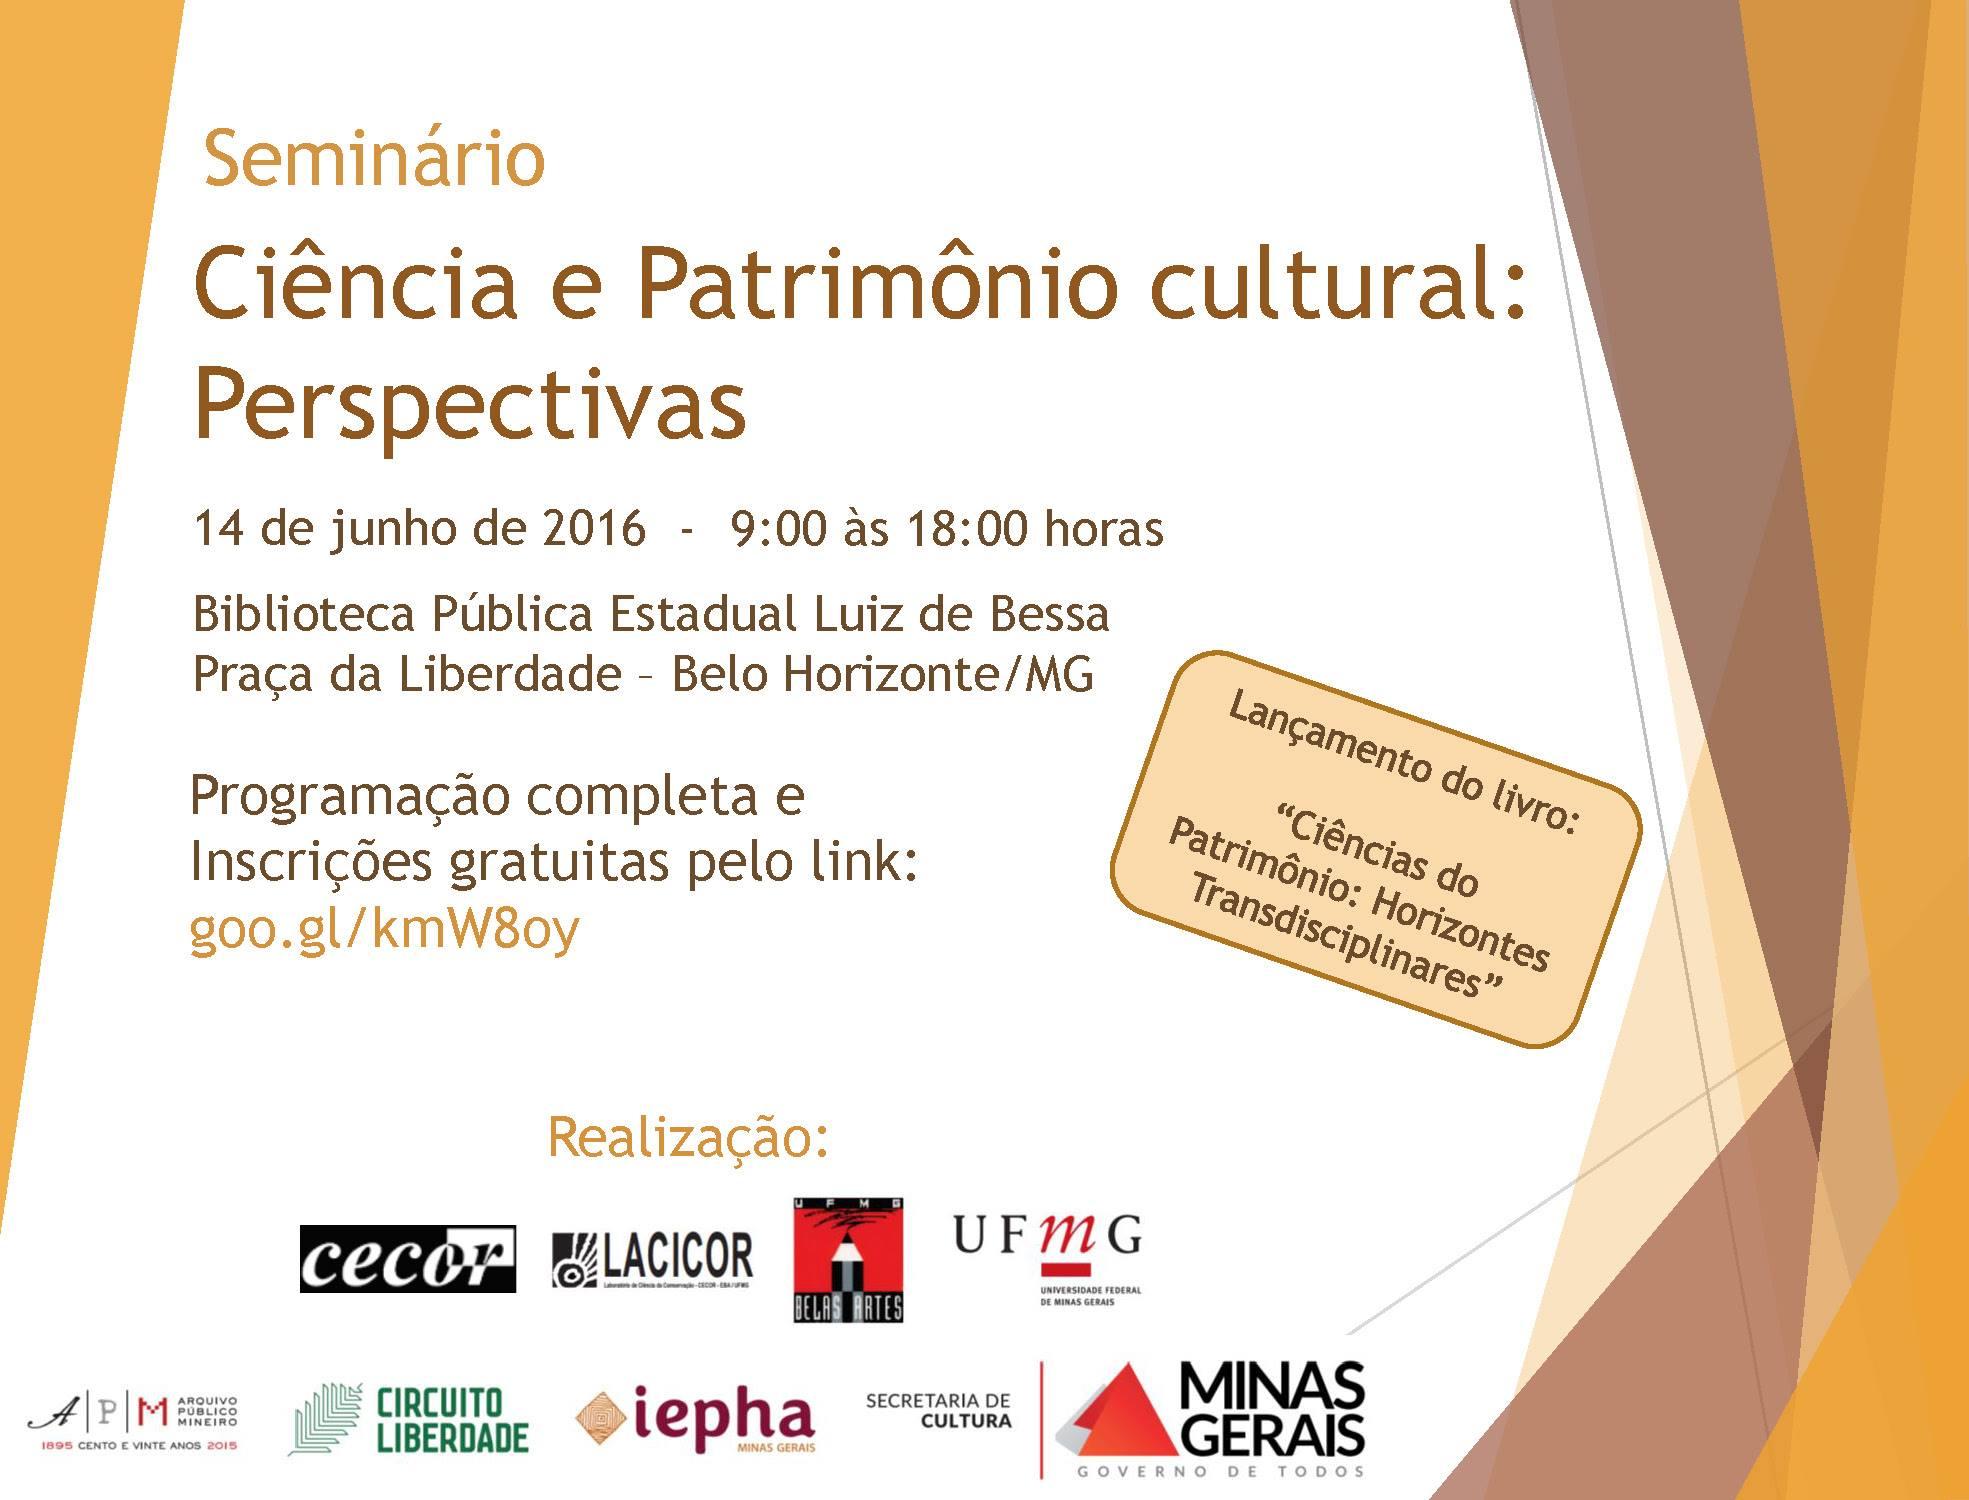 Seminário Ciência e Patrimônio Cultural Perspectivas